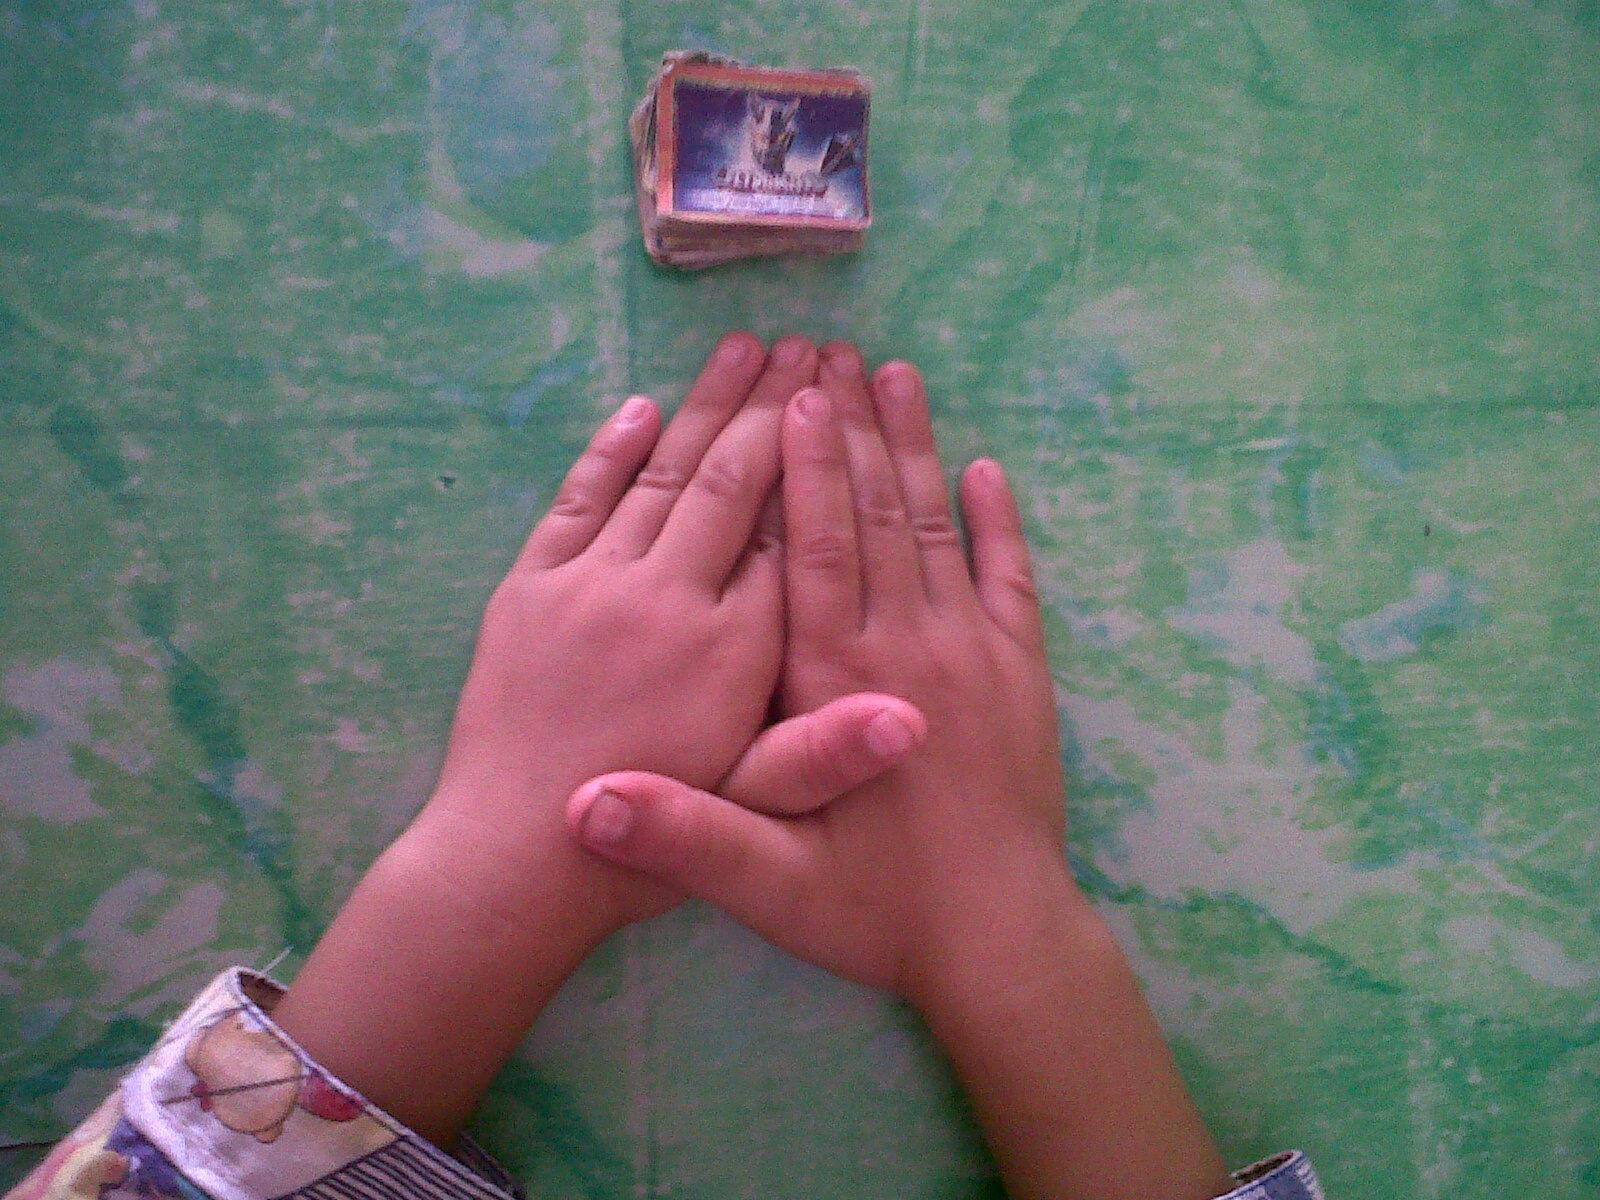 Hasil gambar untuk gambar anak sedang bermain tepuk gambaran